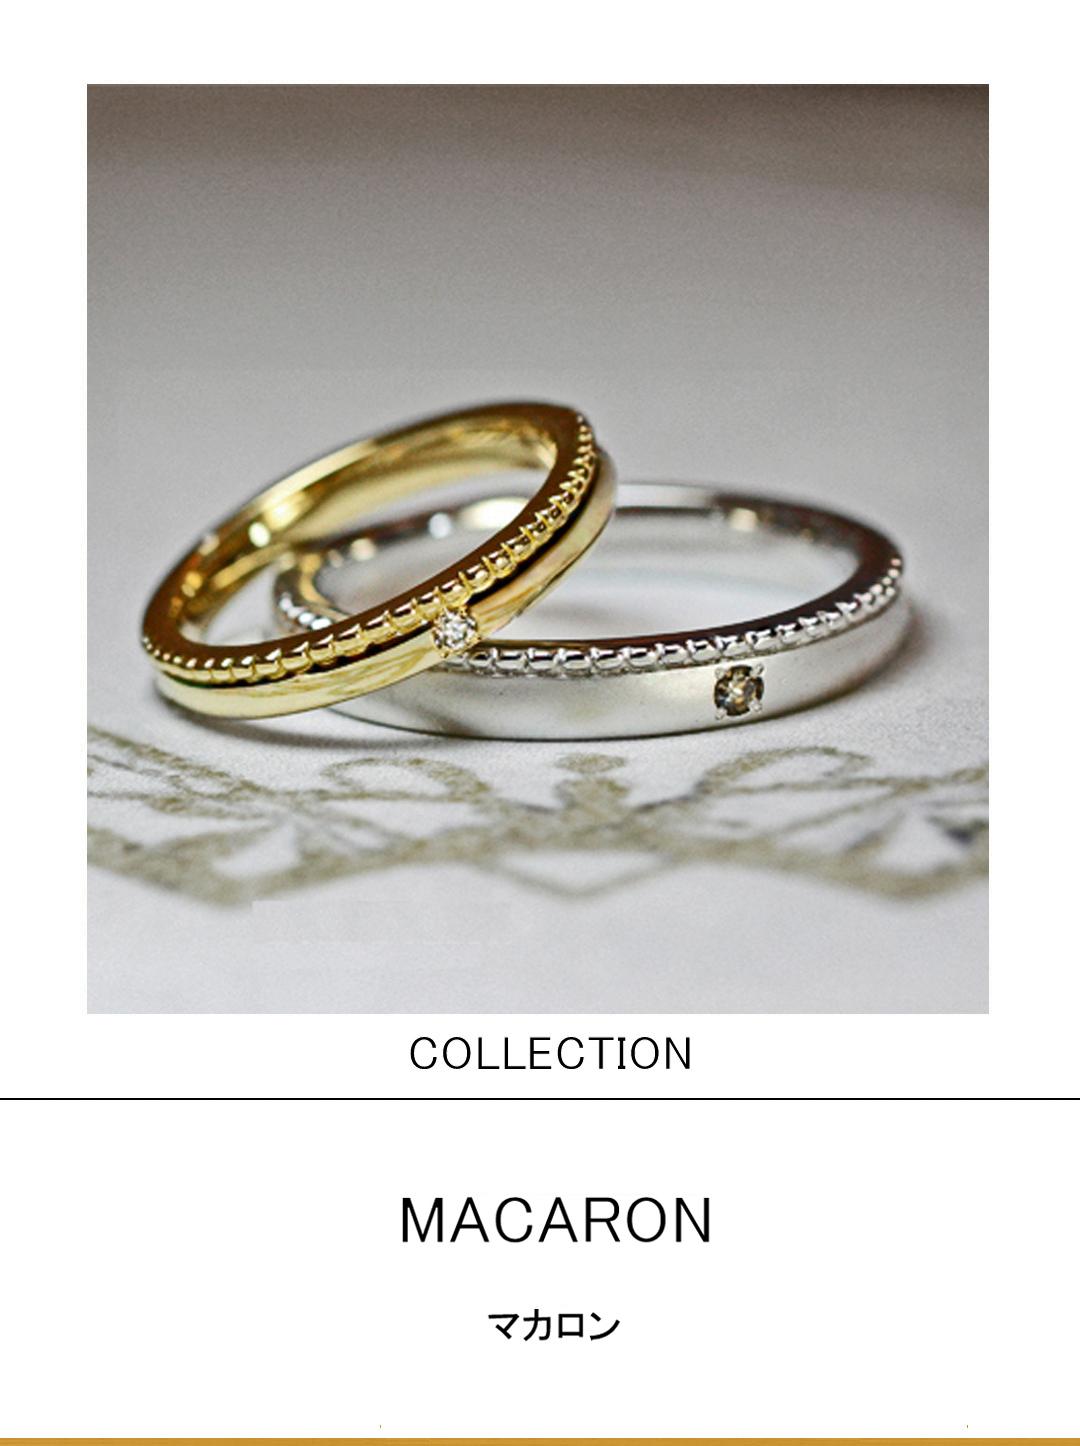 二本のリングを重ねるとマカロンが出来上がる結婚指輪コレクションのサムネイル